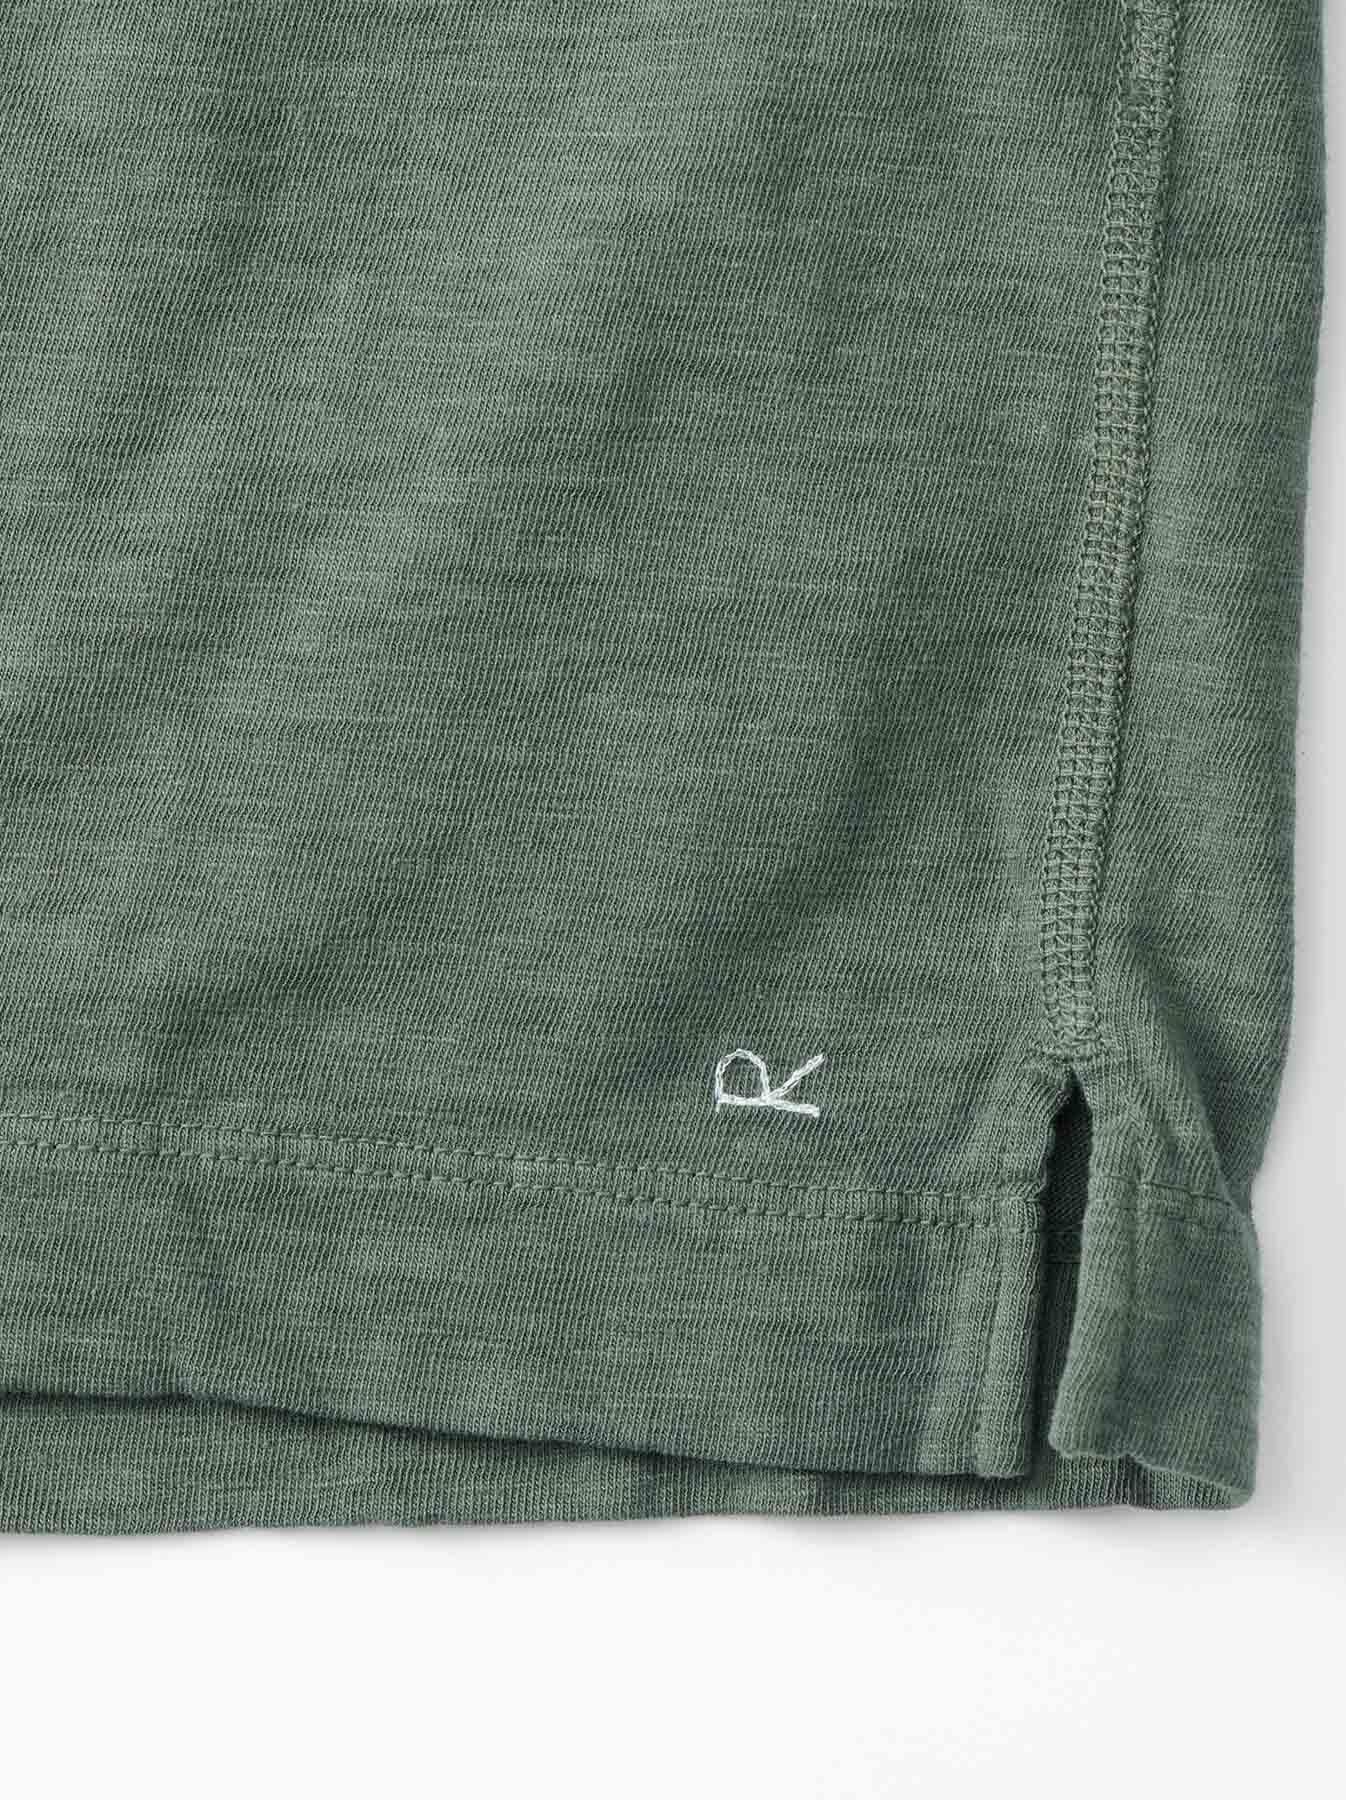 WH Tenjiku Stand Pullover Shirt-11